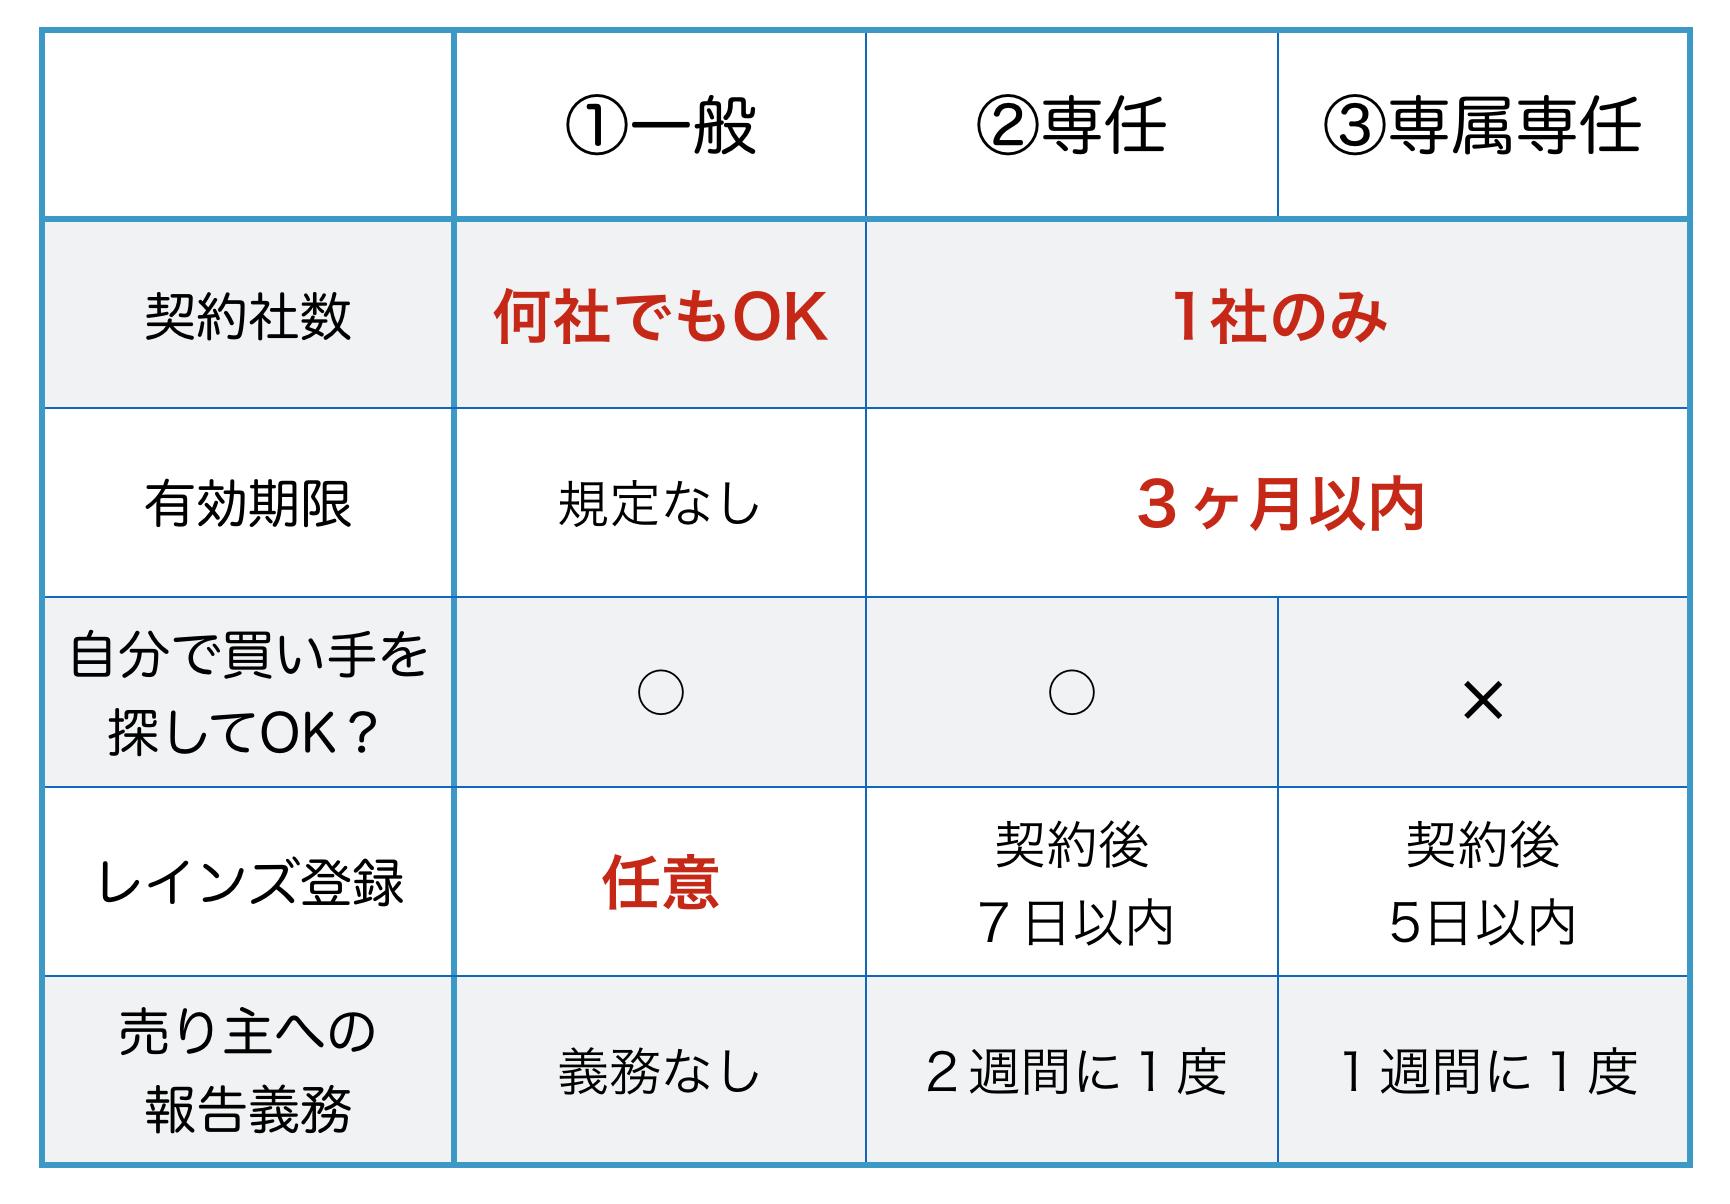 媒介契約の比較表